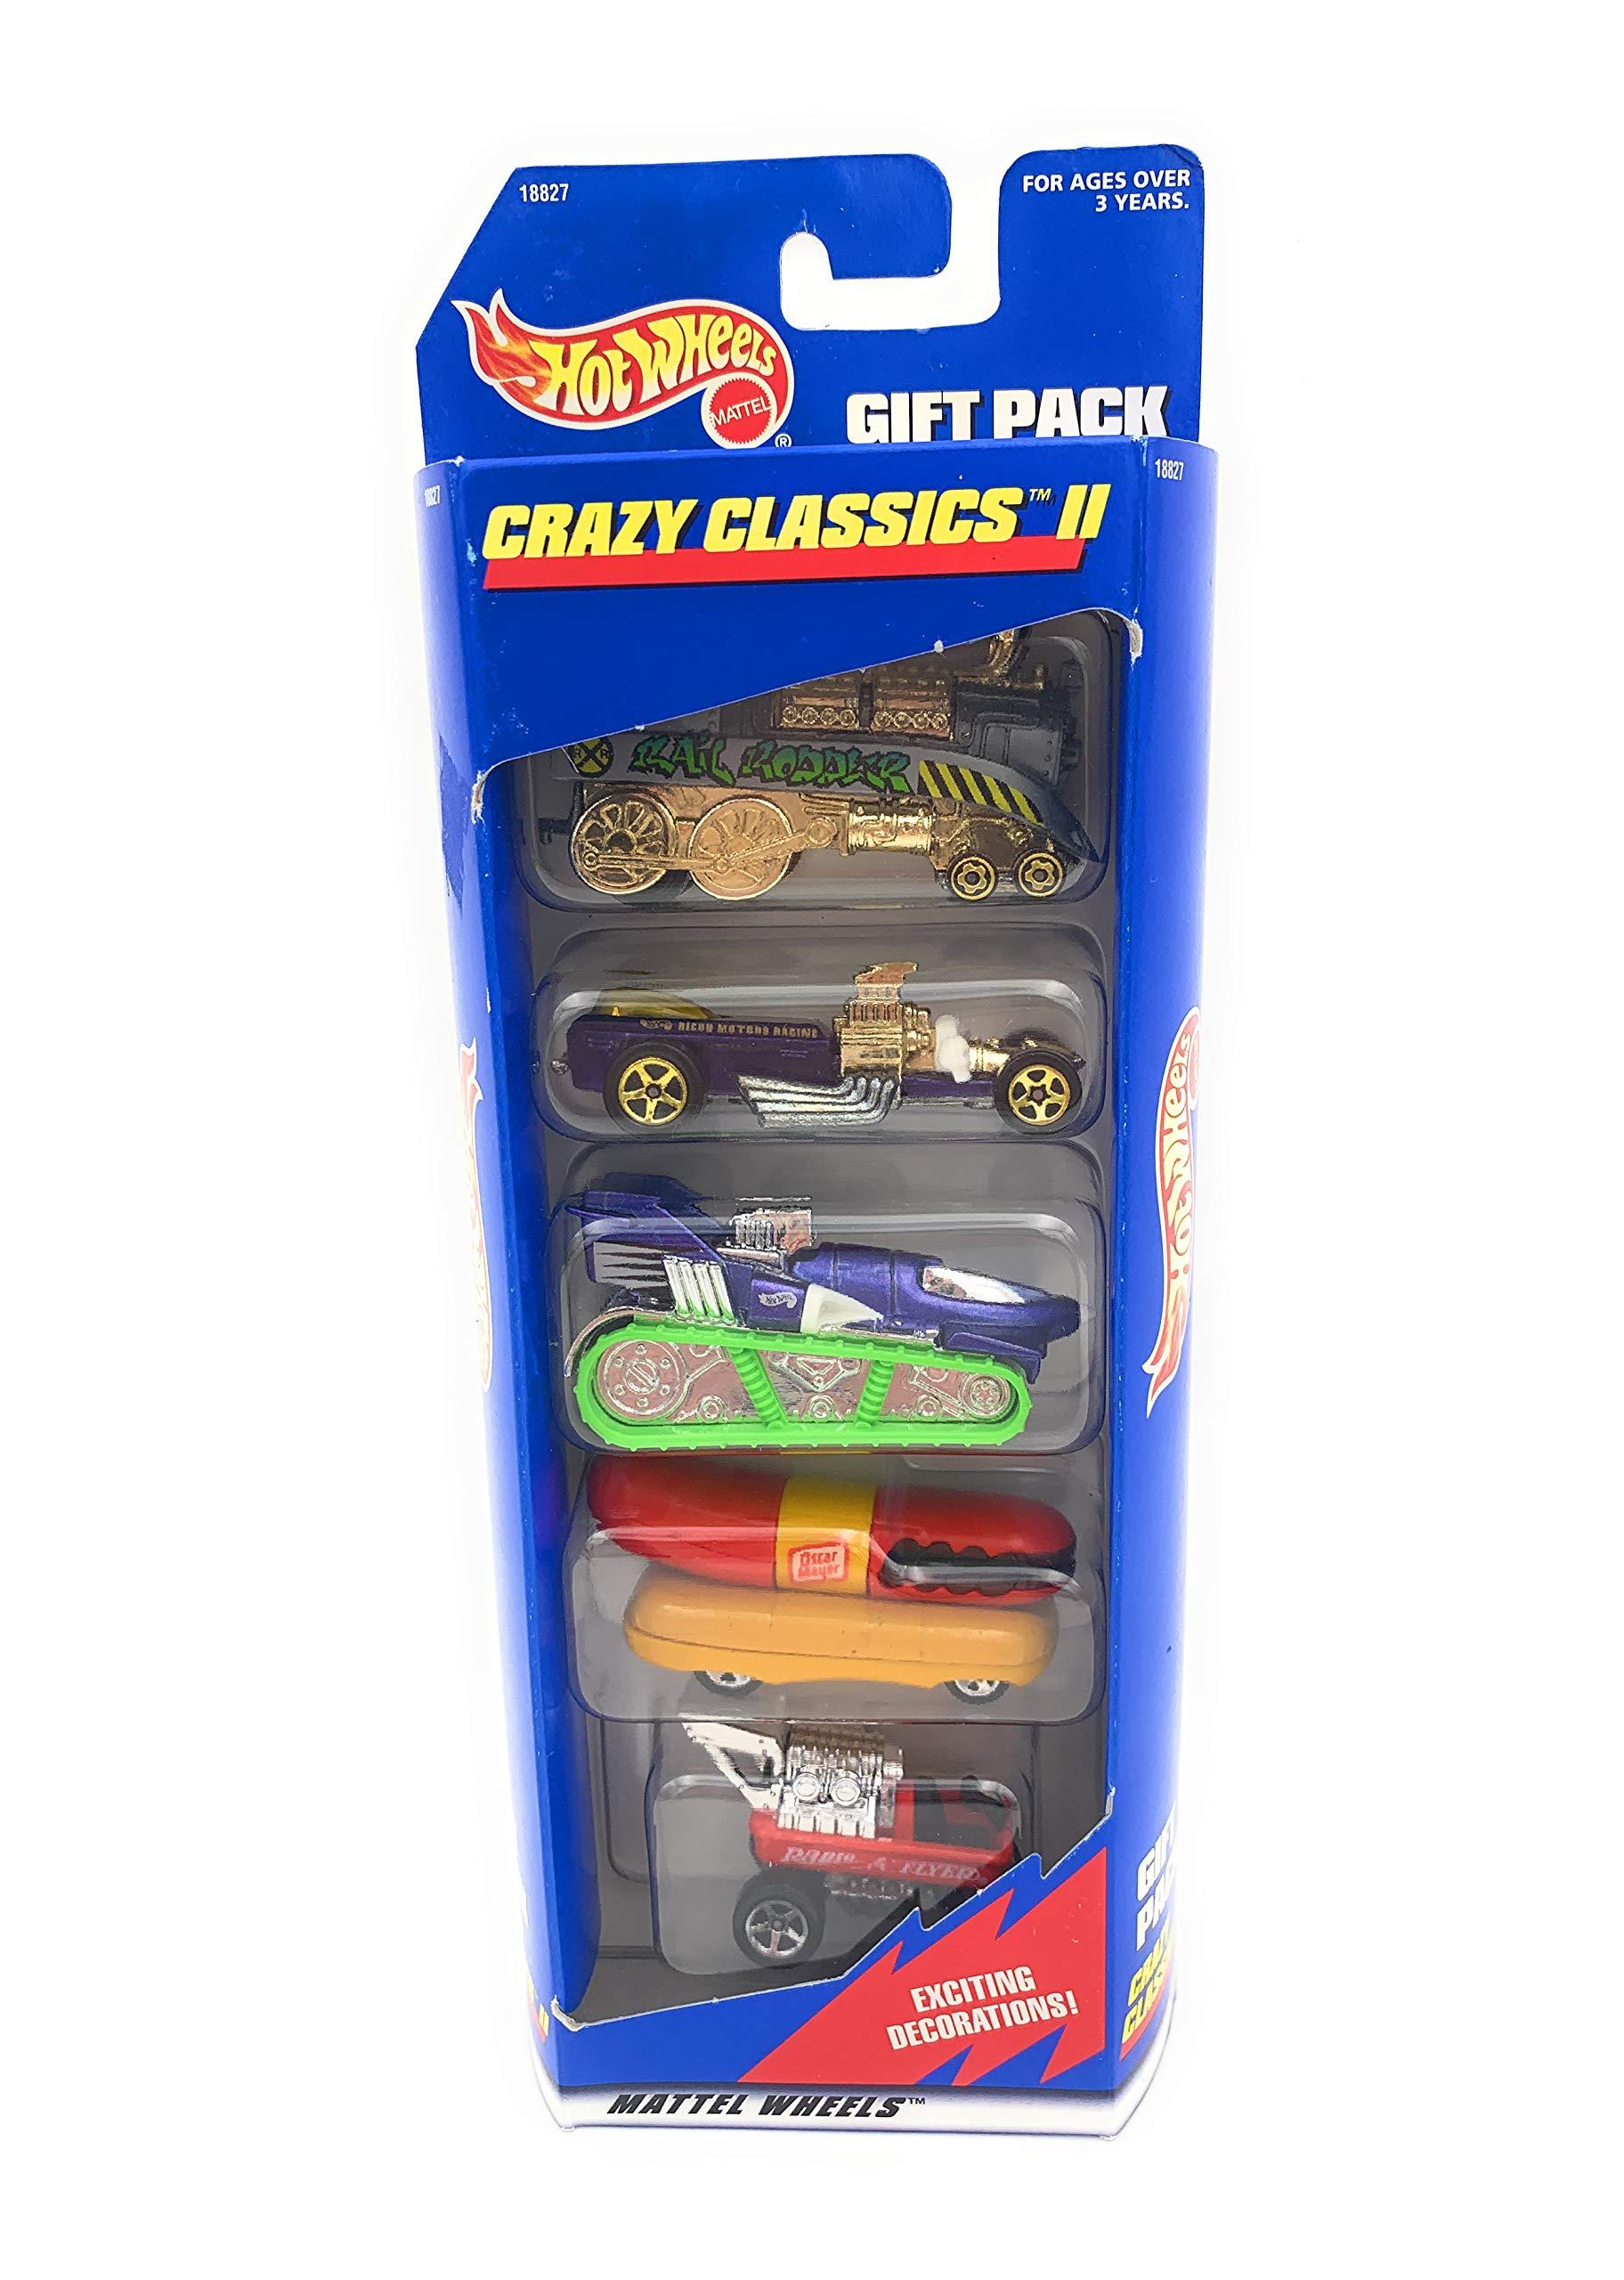 Hot Wheels 1997 Crazy Classics II Gift Pack